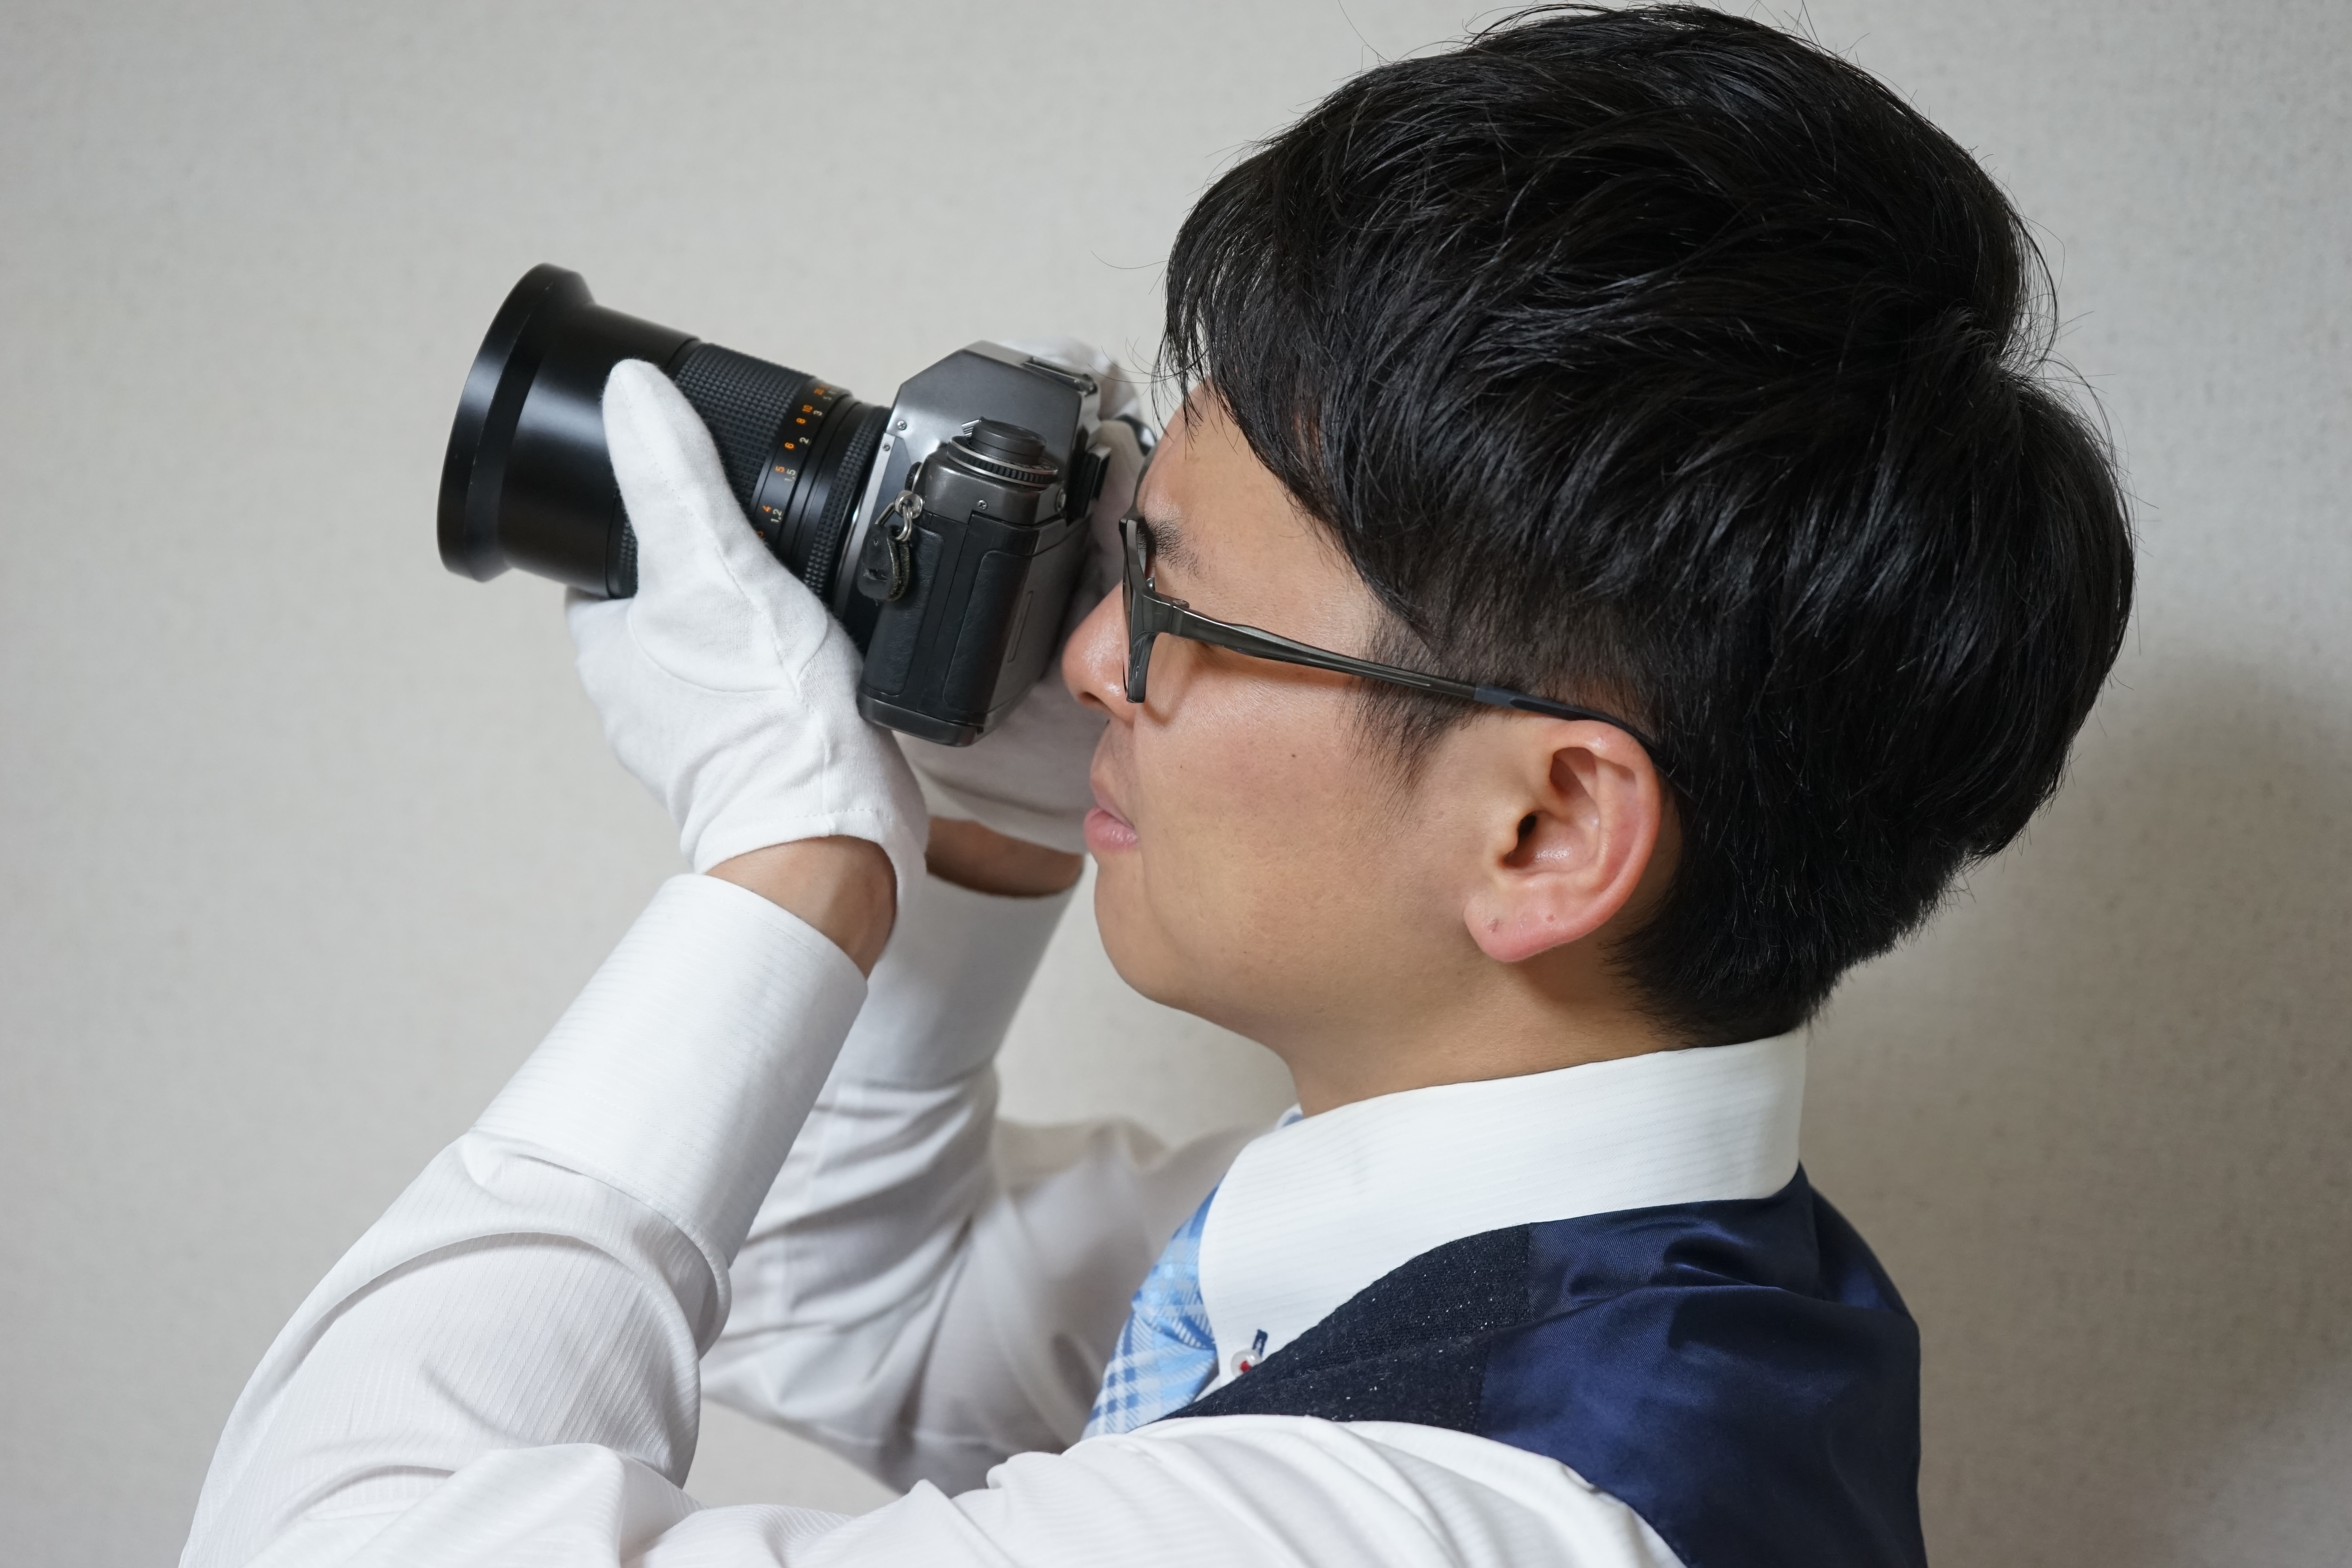 著者:Akihiko Suda